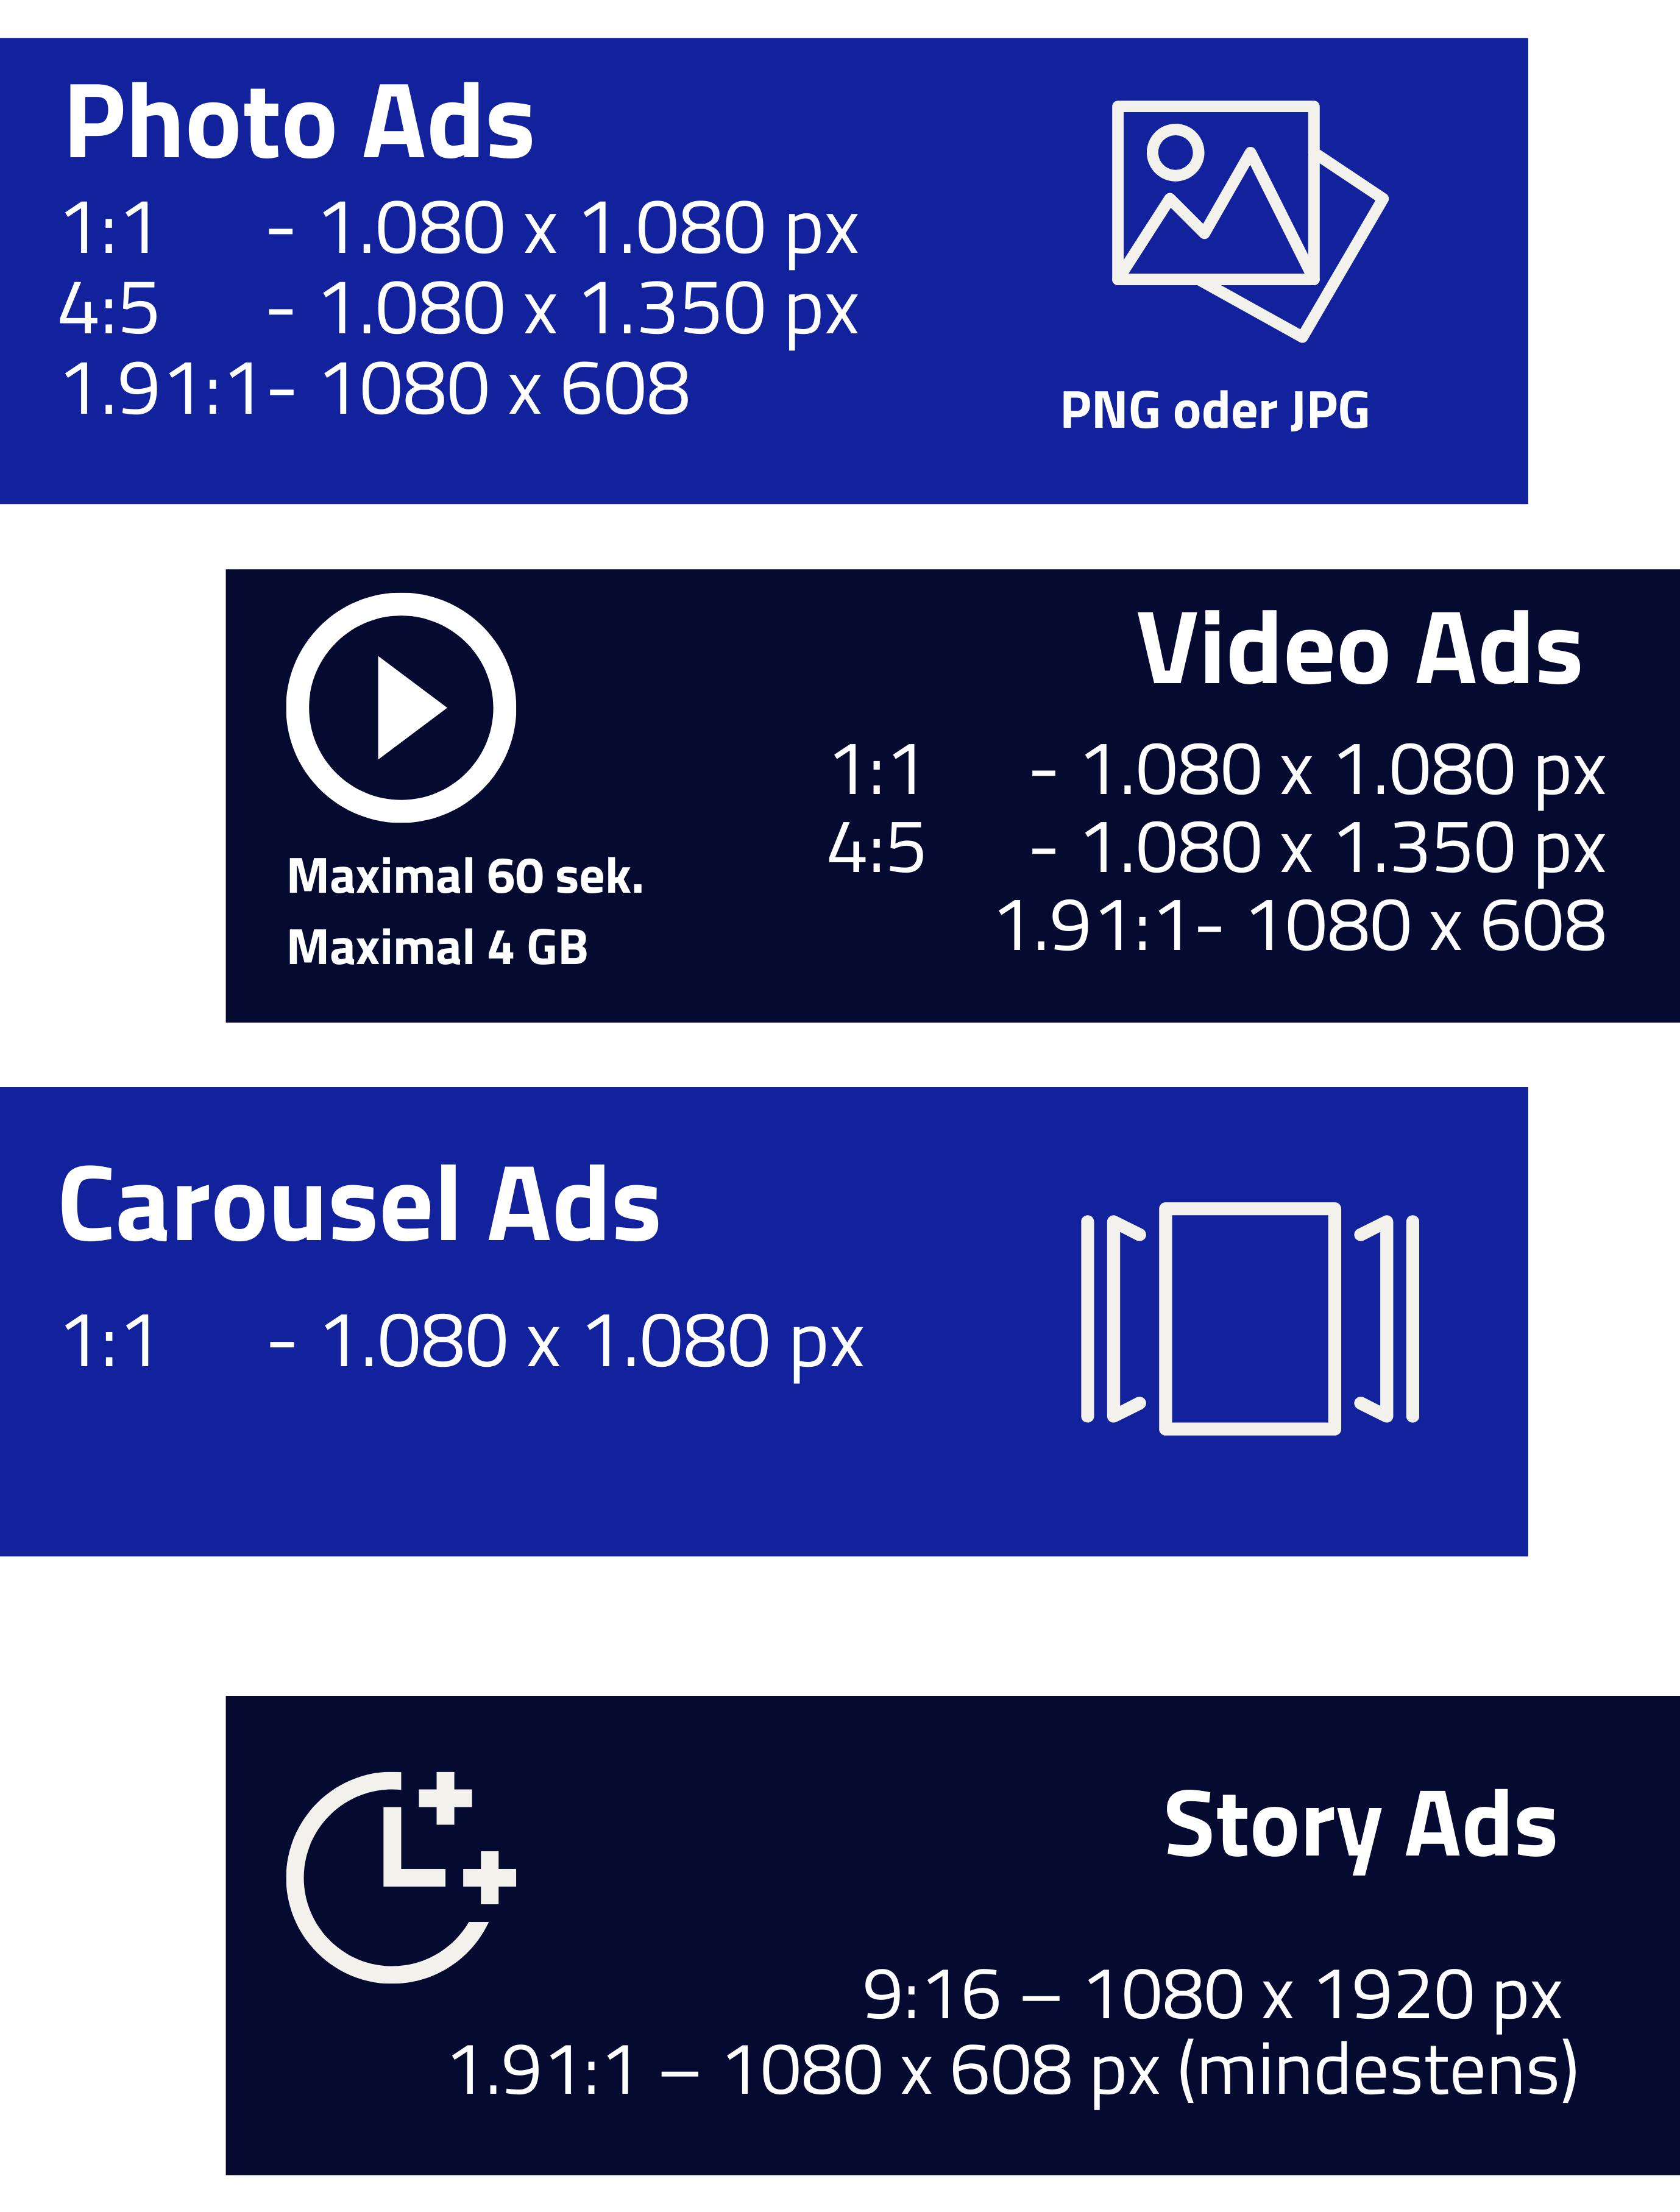 Bildgrößen für Facebook Ads